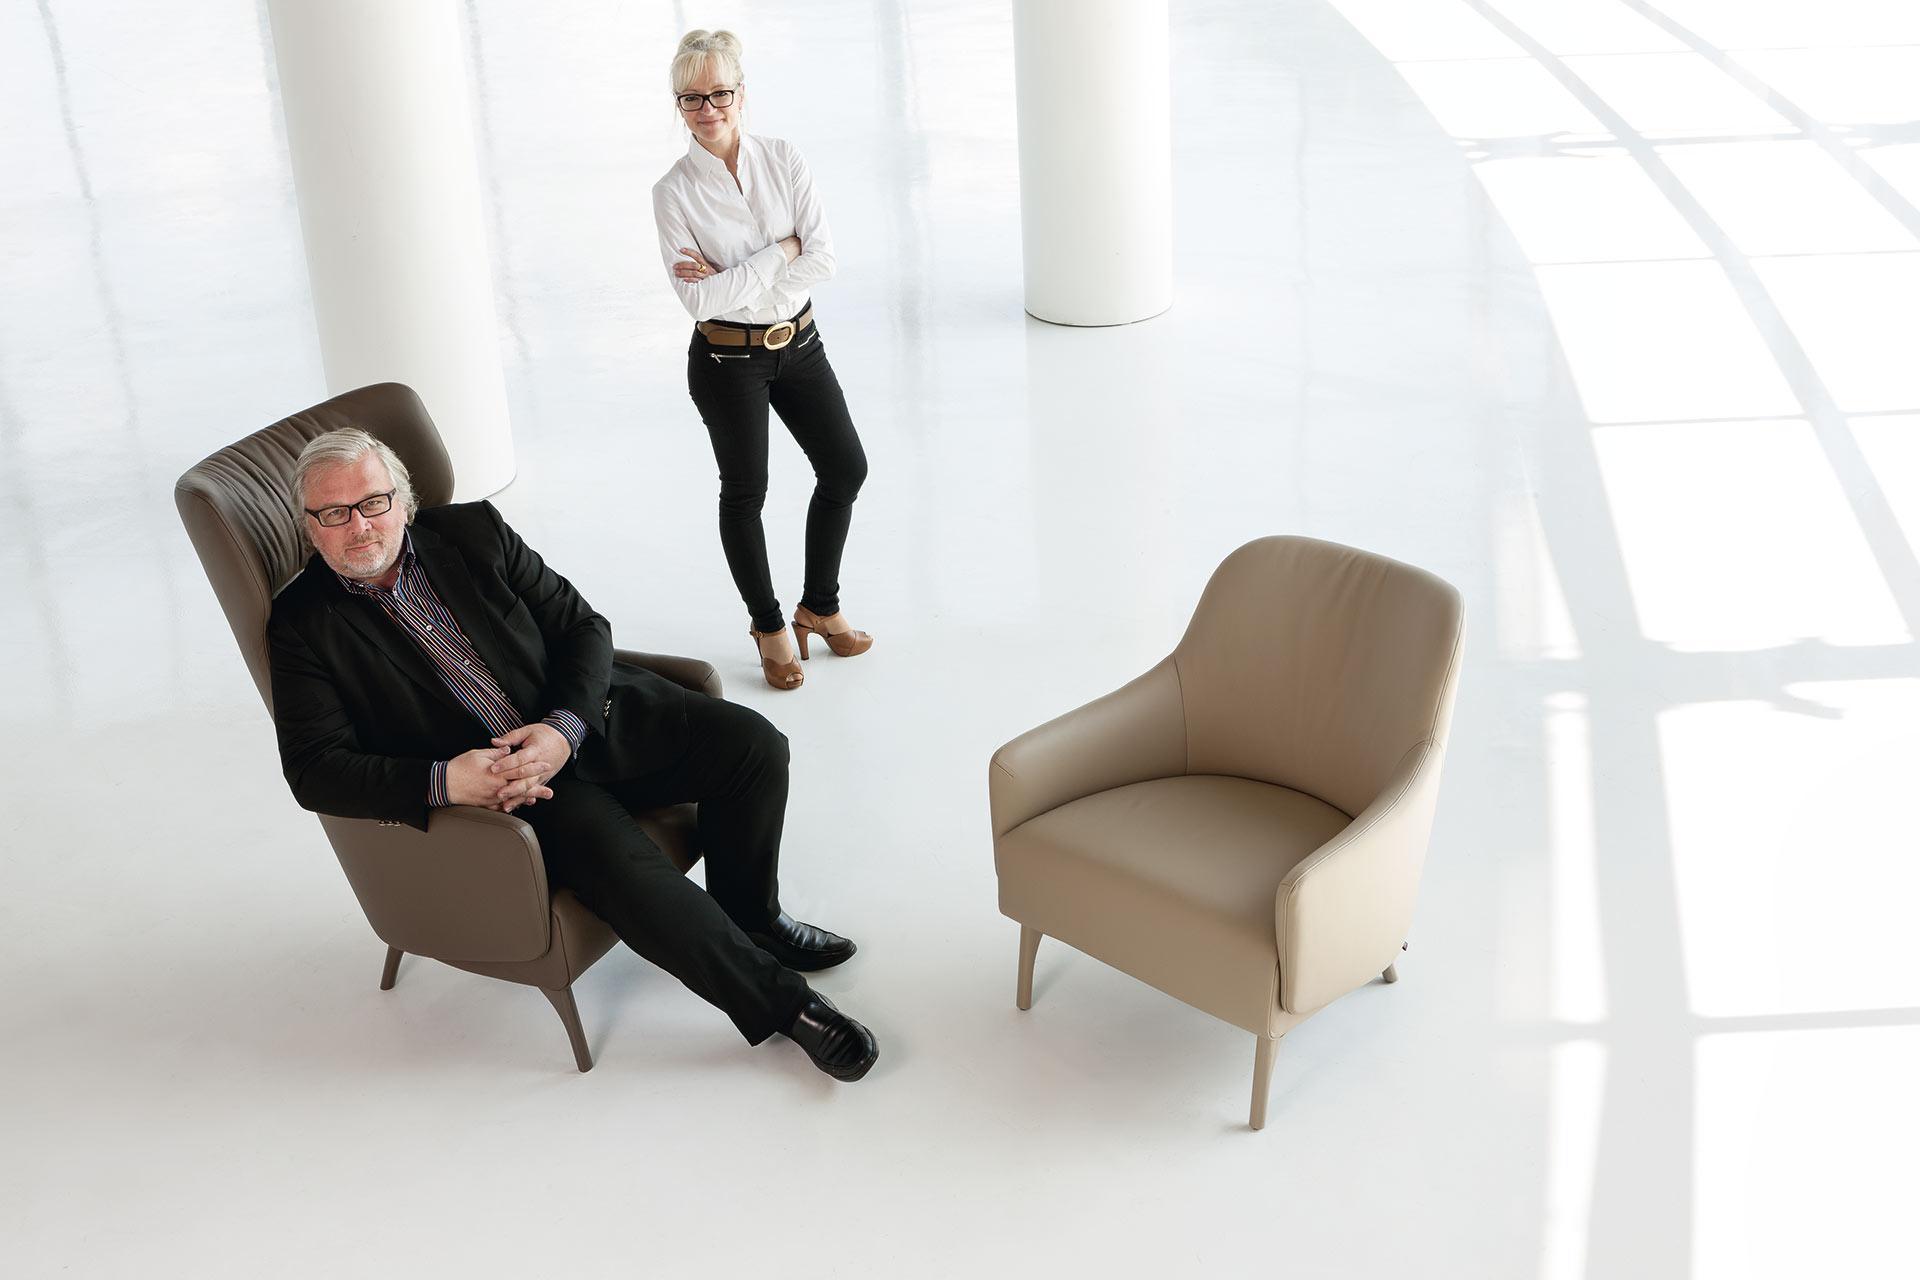 Peter Joenk und Corinna Kretschmar-Joehnk von JOI-Design auf Sitzmöbel für ip design. Entwurf JOI-Design